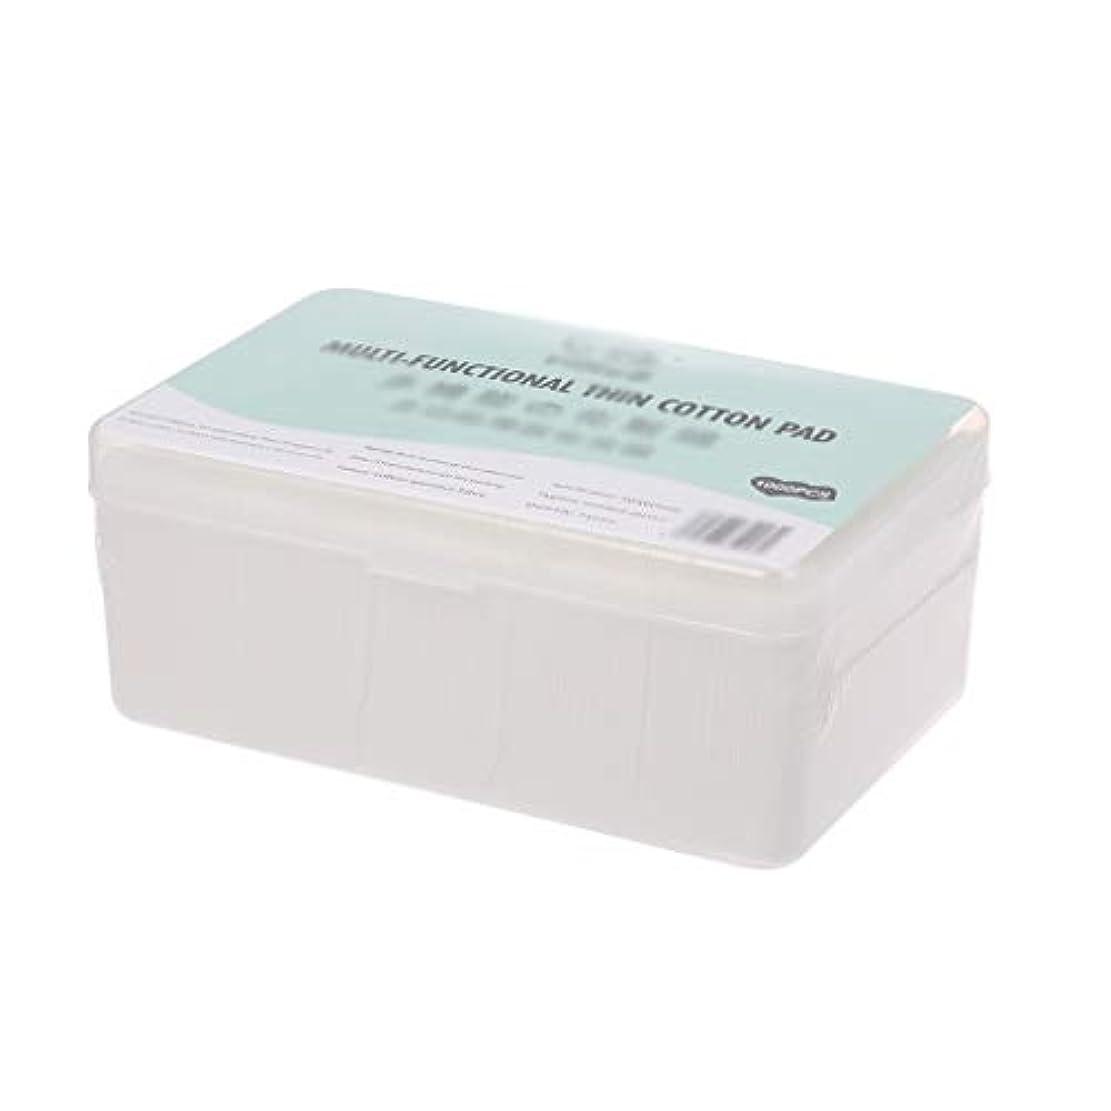 石膏クロールぴったりクレンジングシート 1000ピース箱入り使い捨て超薄型コットンメイク落としネイルポリッシュリムーバークレンジングティッシュペーパーペーパー (Color : White, サイズ : 5*6cm)